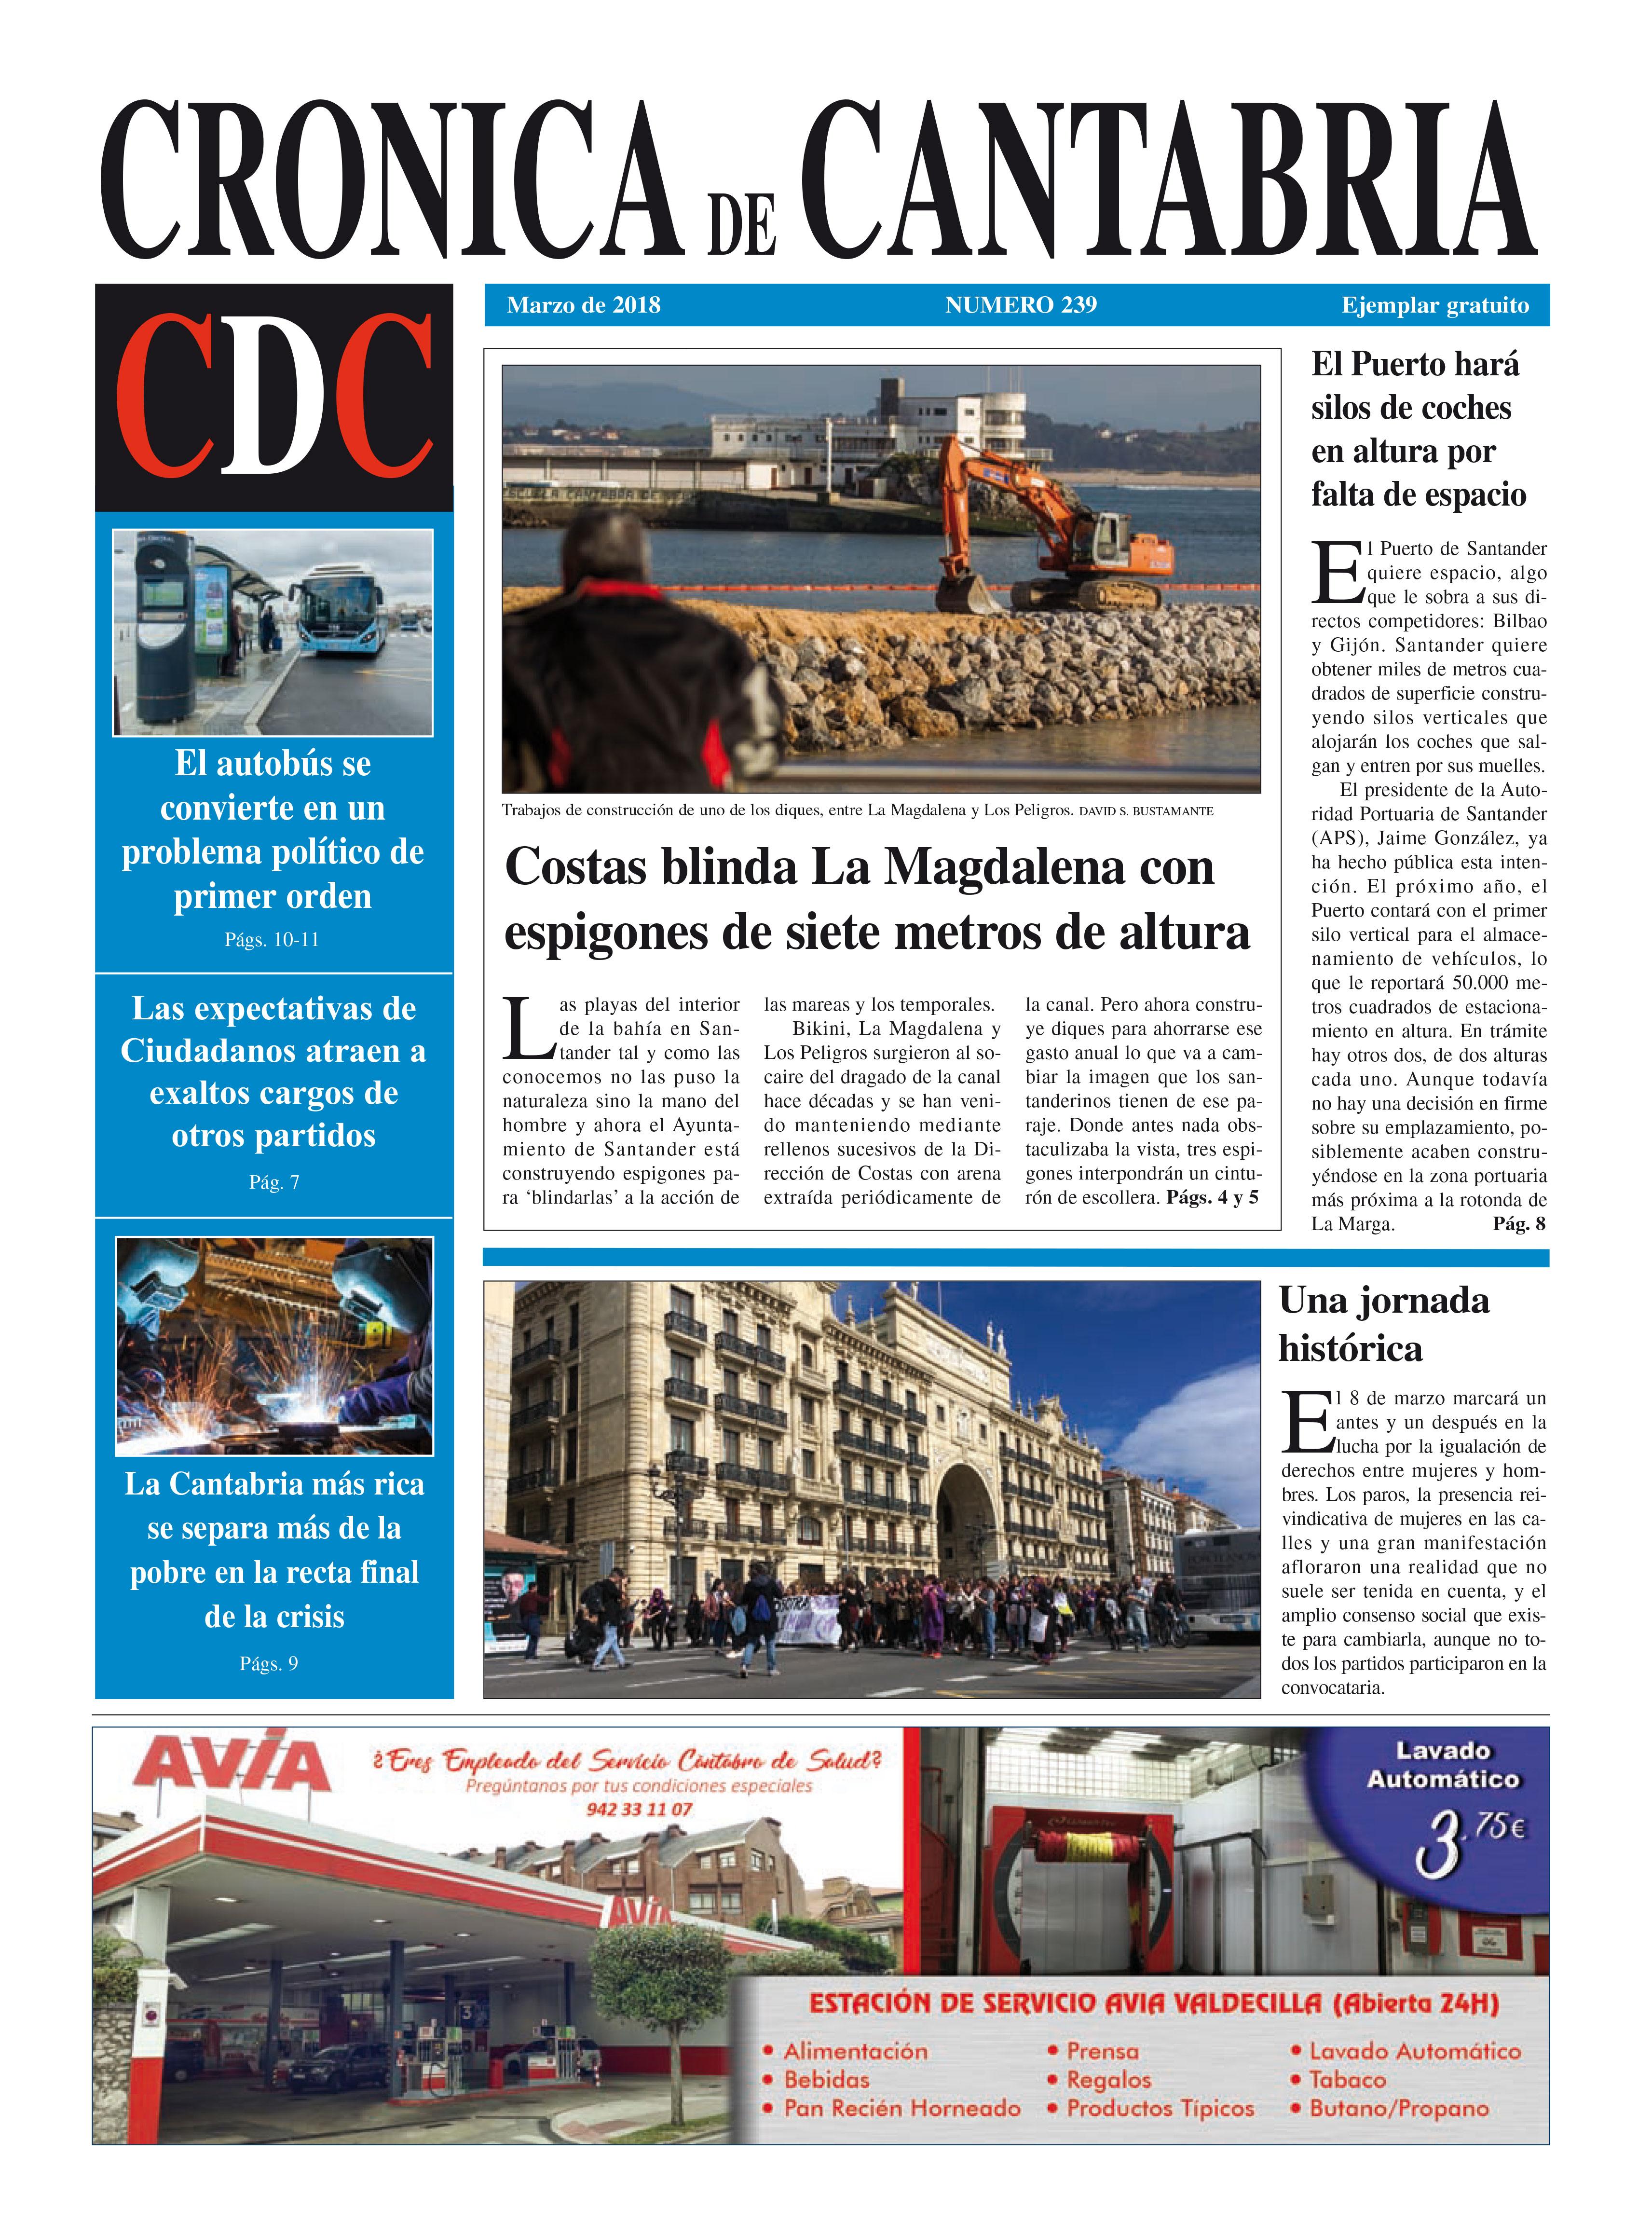 Crónica de cantabria